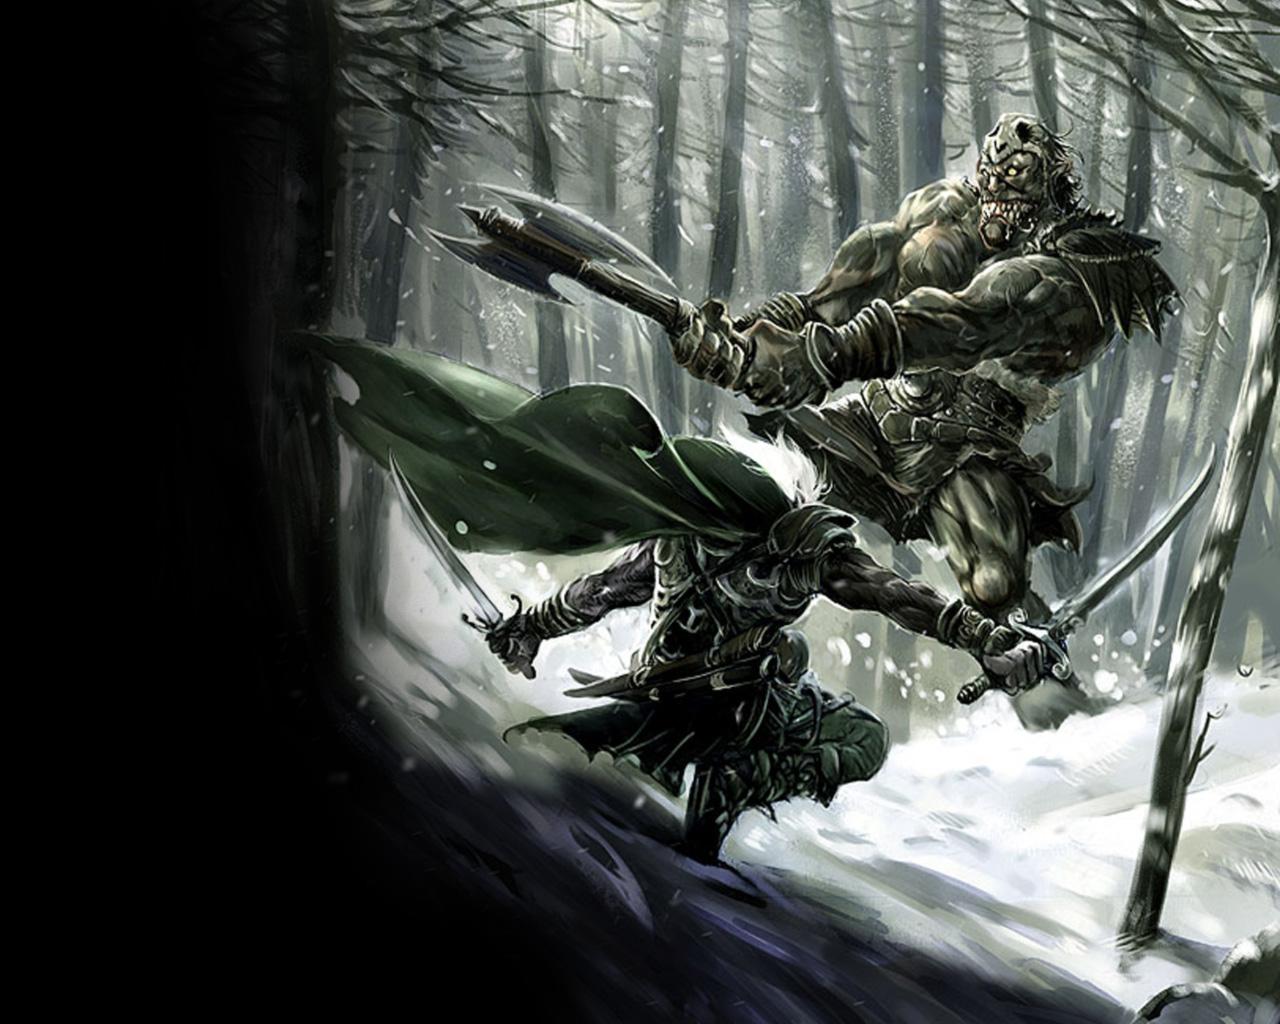 warrior elf desktop wallpapers - photo #37